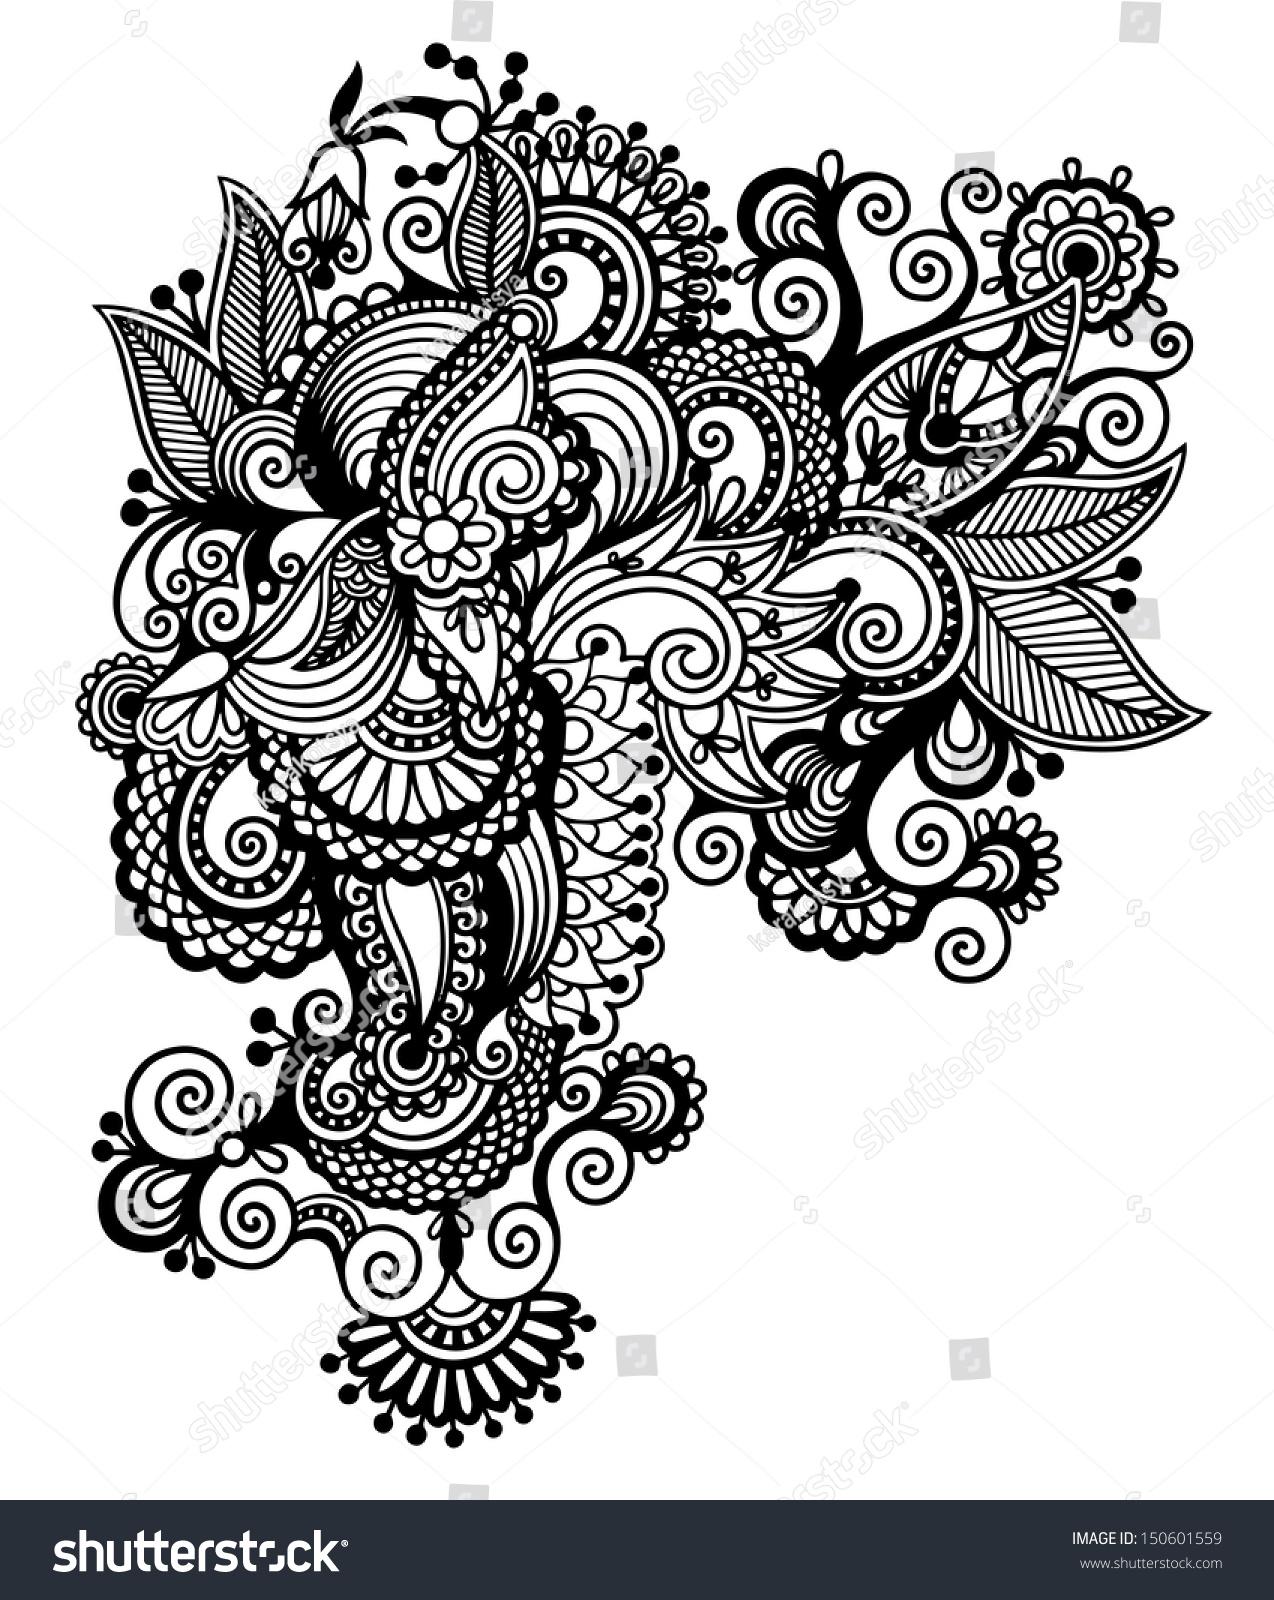 Line Art Ornate Flower Design : Black line art ornate flower design stock vector